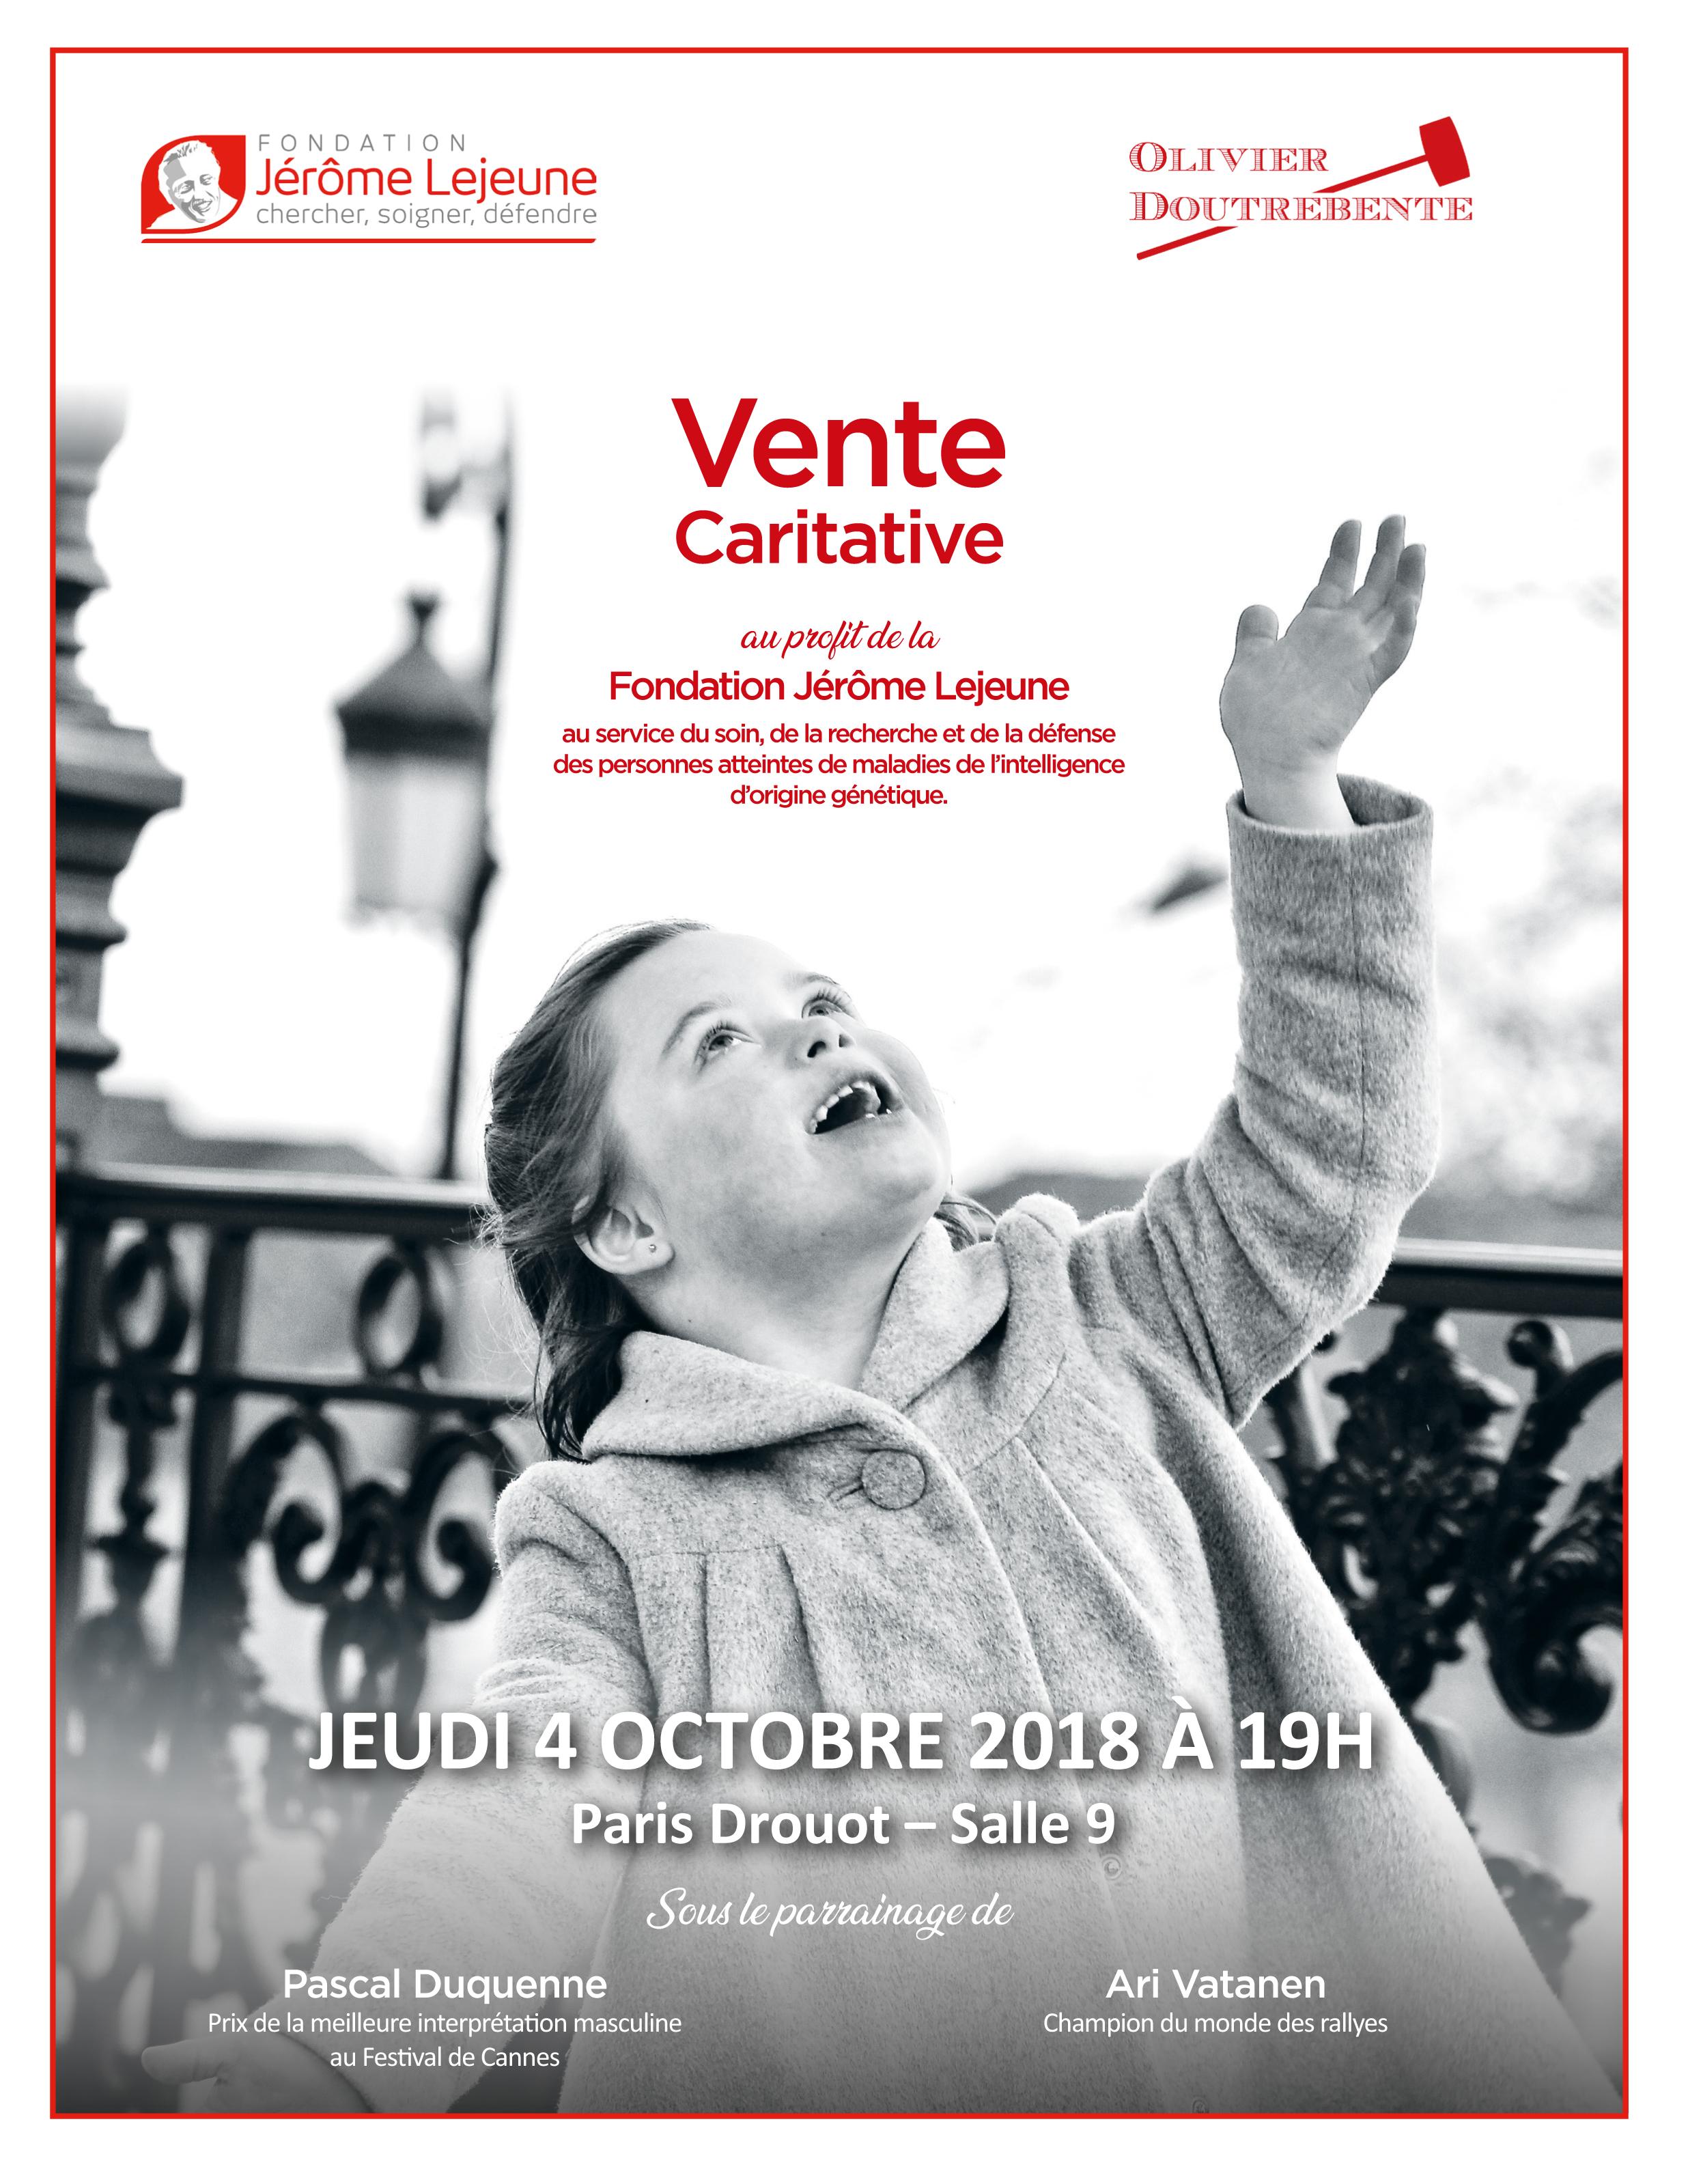 Vente Caritative Fondation Jerome Lejeune